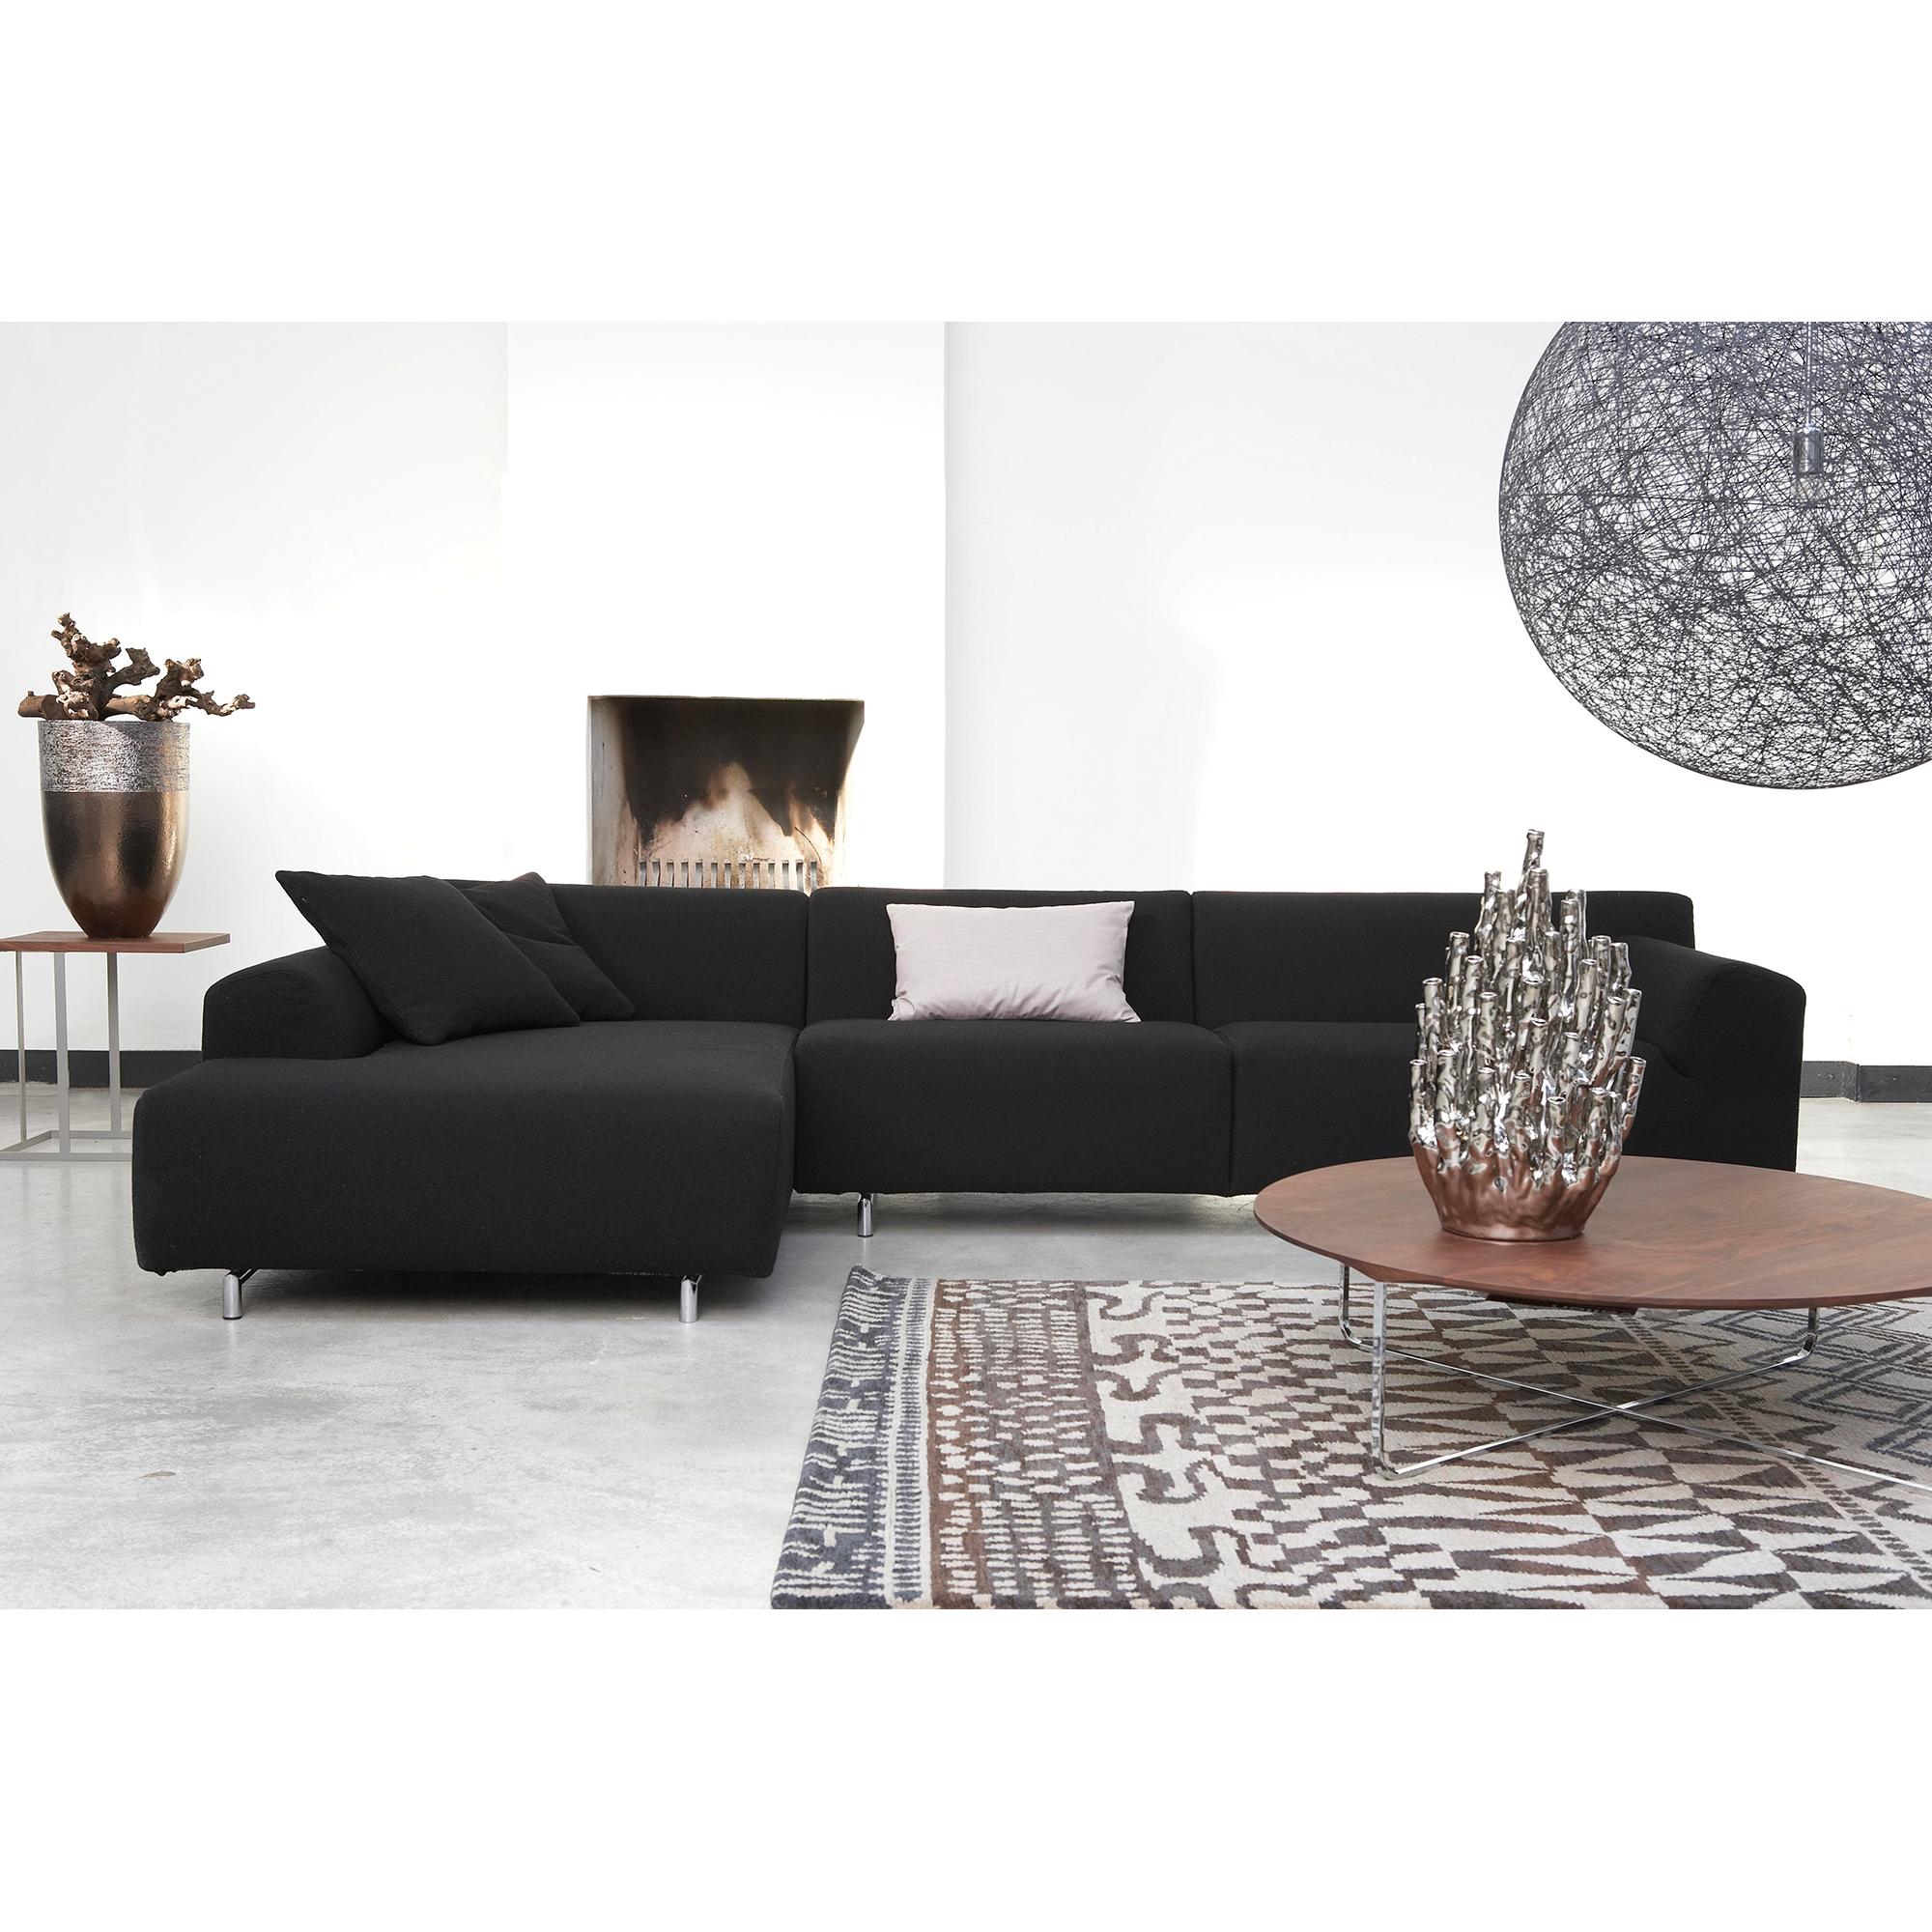 Danca design bank, design bank, ontwerp, model Felice, comfortabele bank met chaise longue